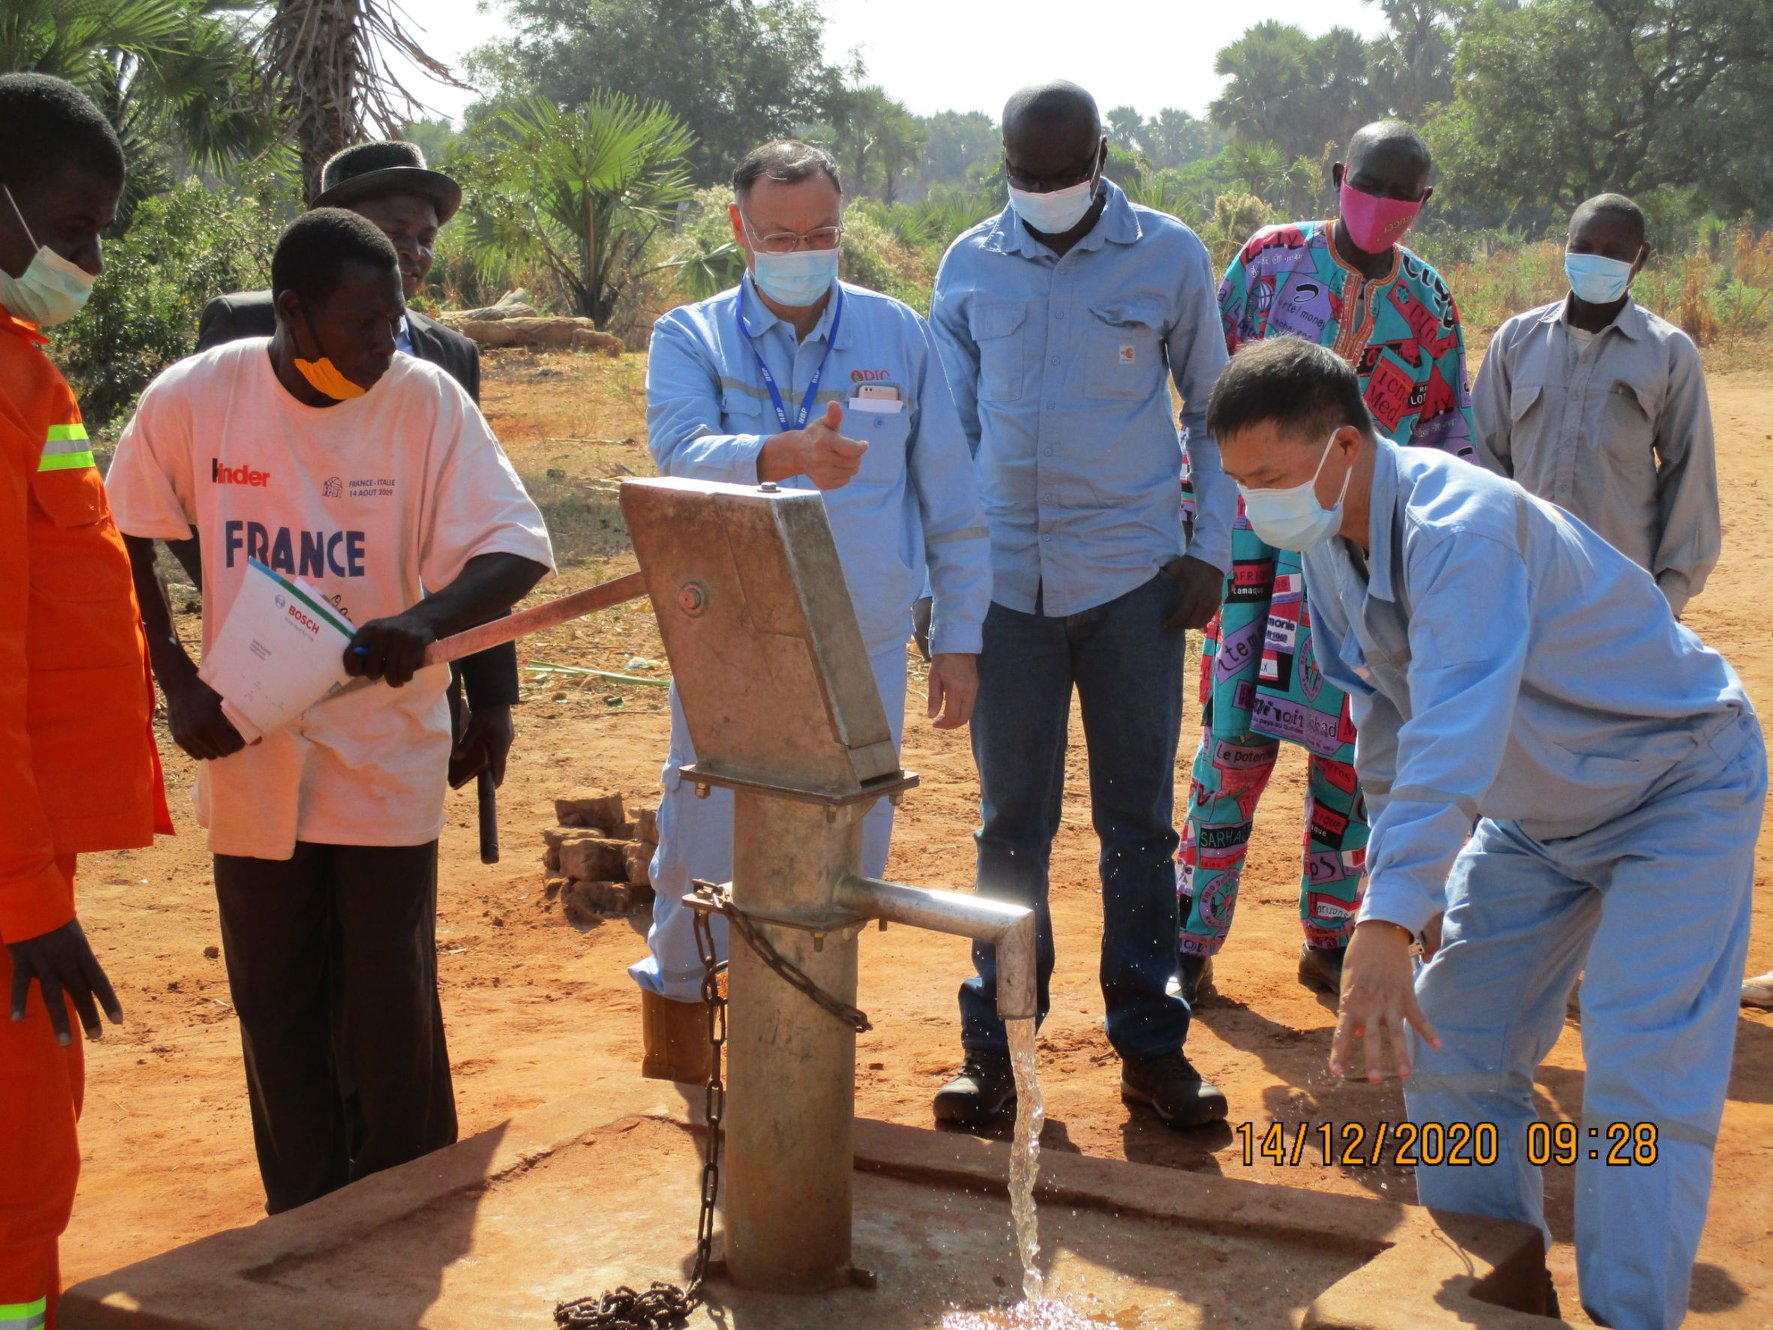 台灣中油響應查德推動企業辦理建置學校教室、捐贈水井計畫